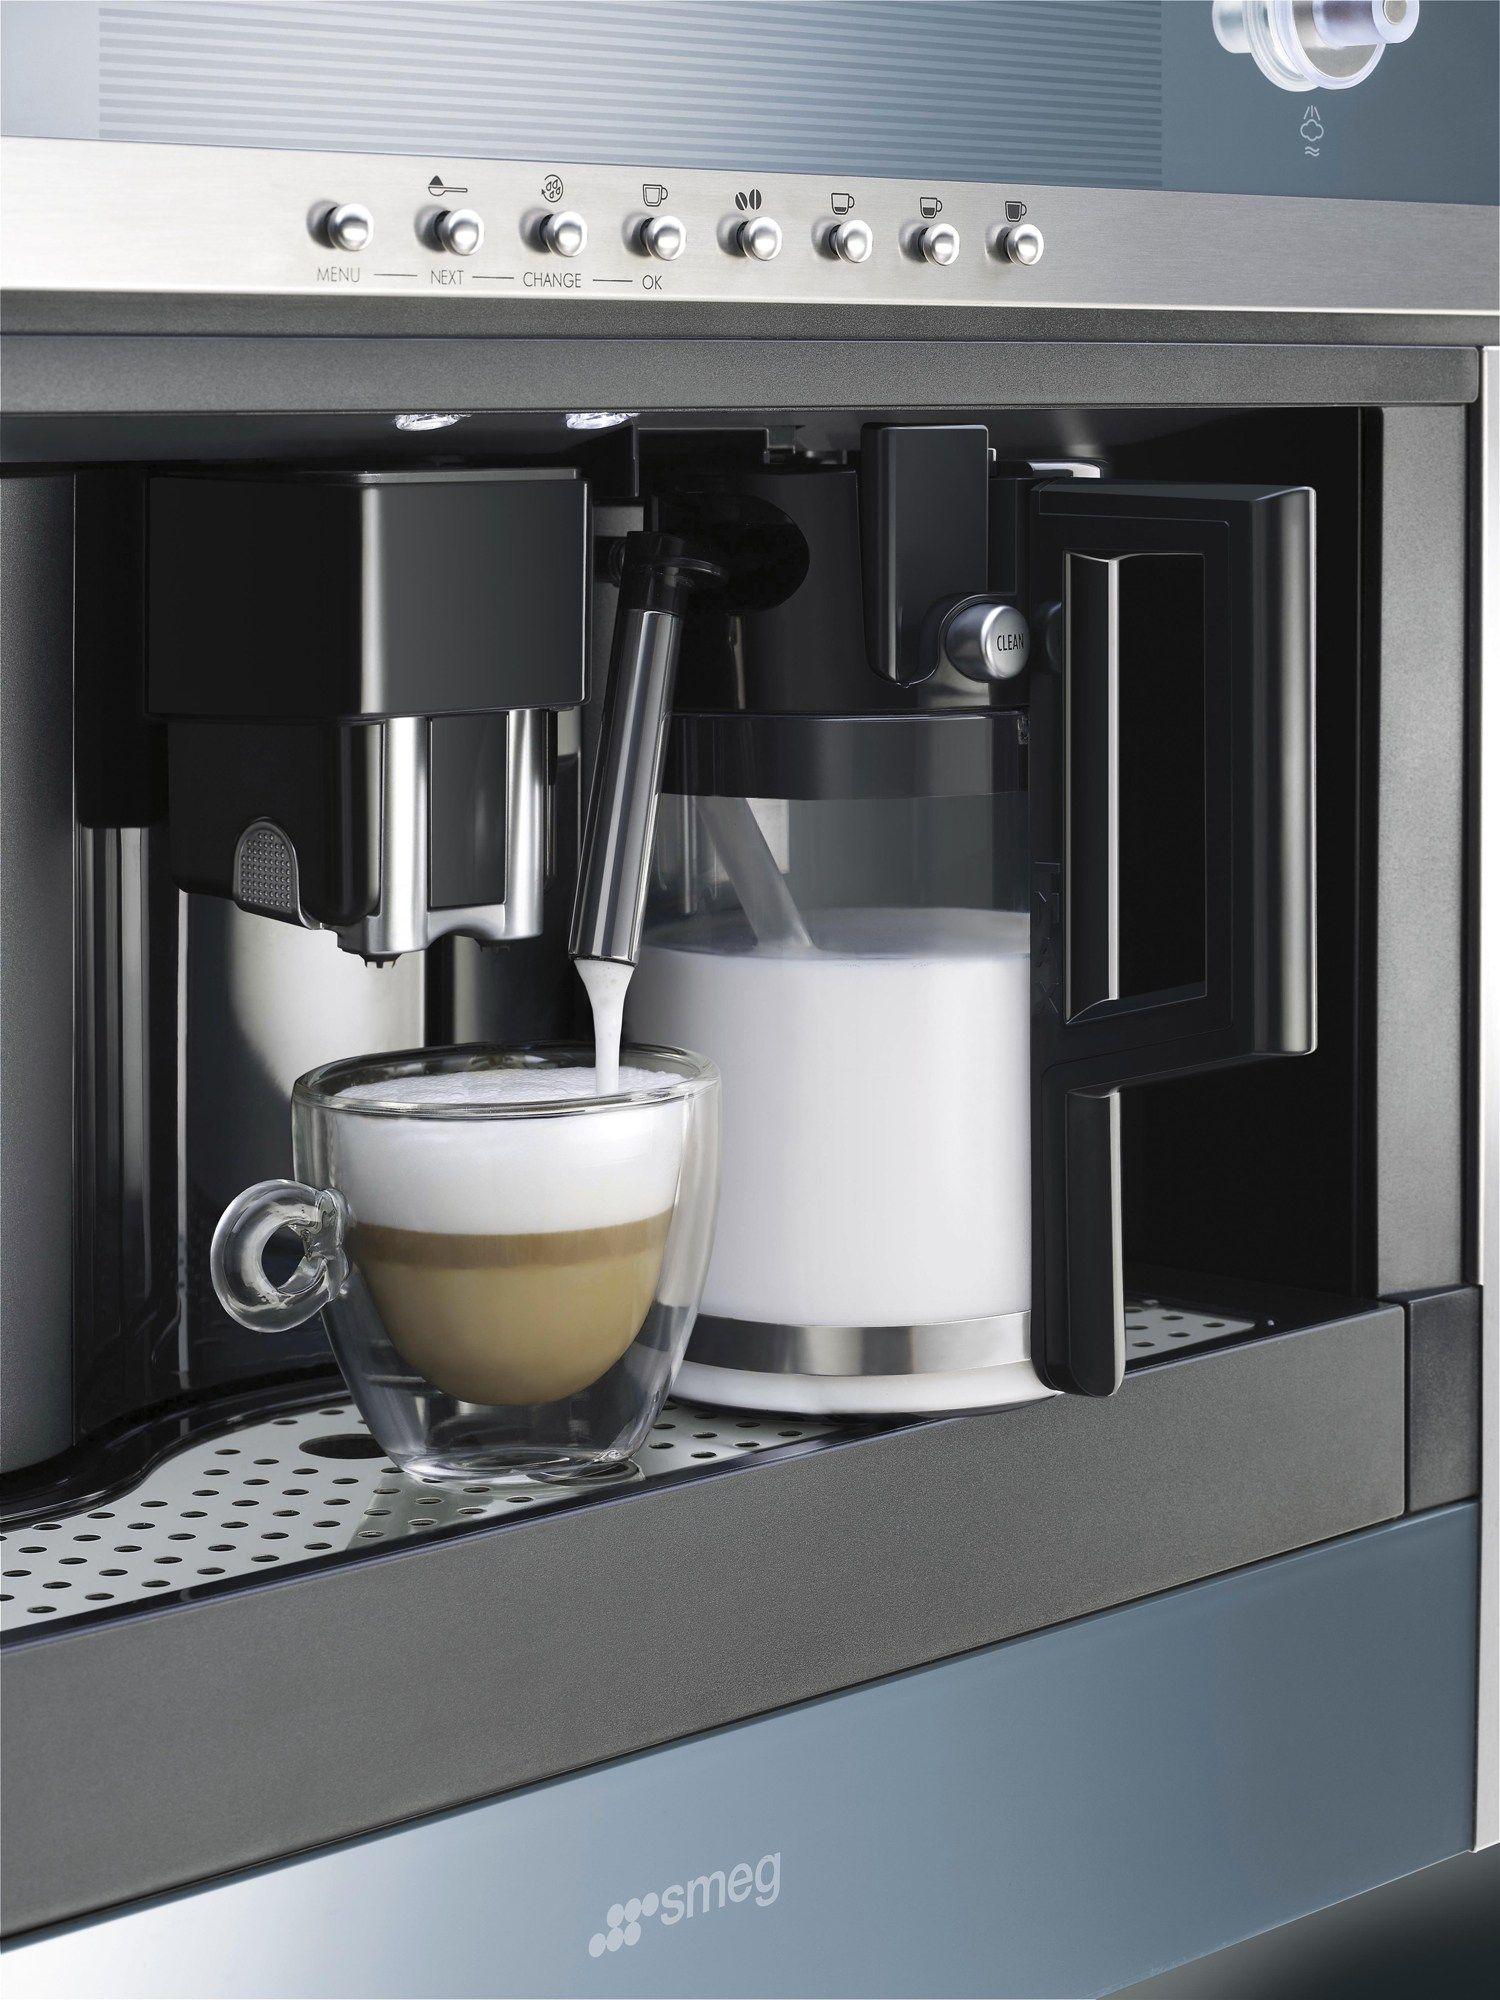 cmsc451 machine caf encastrable by smeg. Black Bedroom Furniture Sets. Home Design Ideas